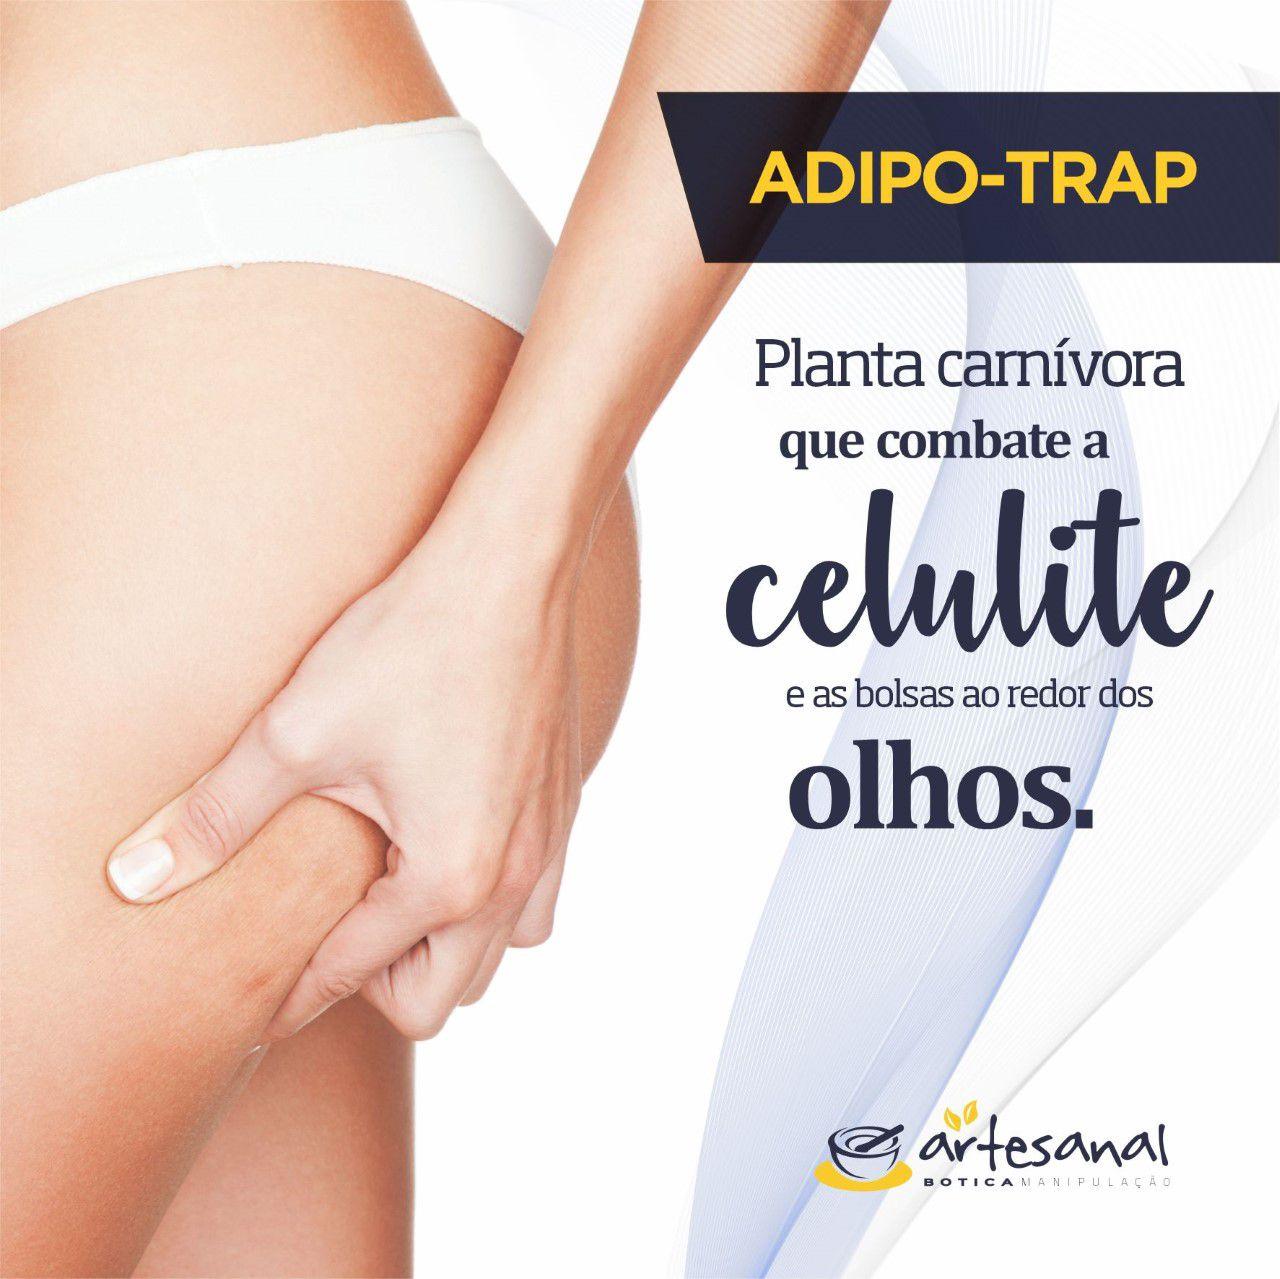 Sérum Anti Celulite com Adipo-Trap - 50ml